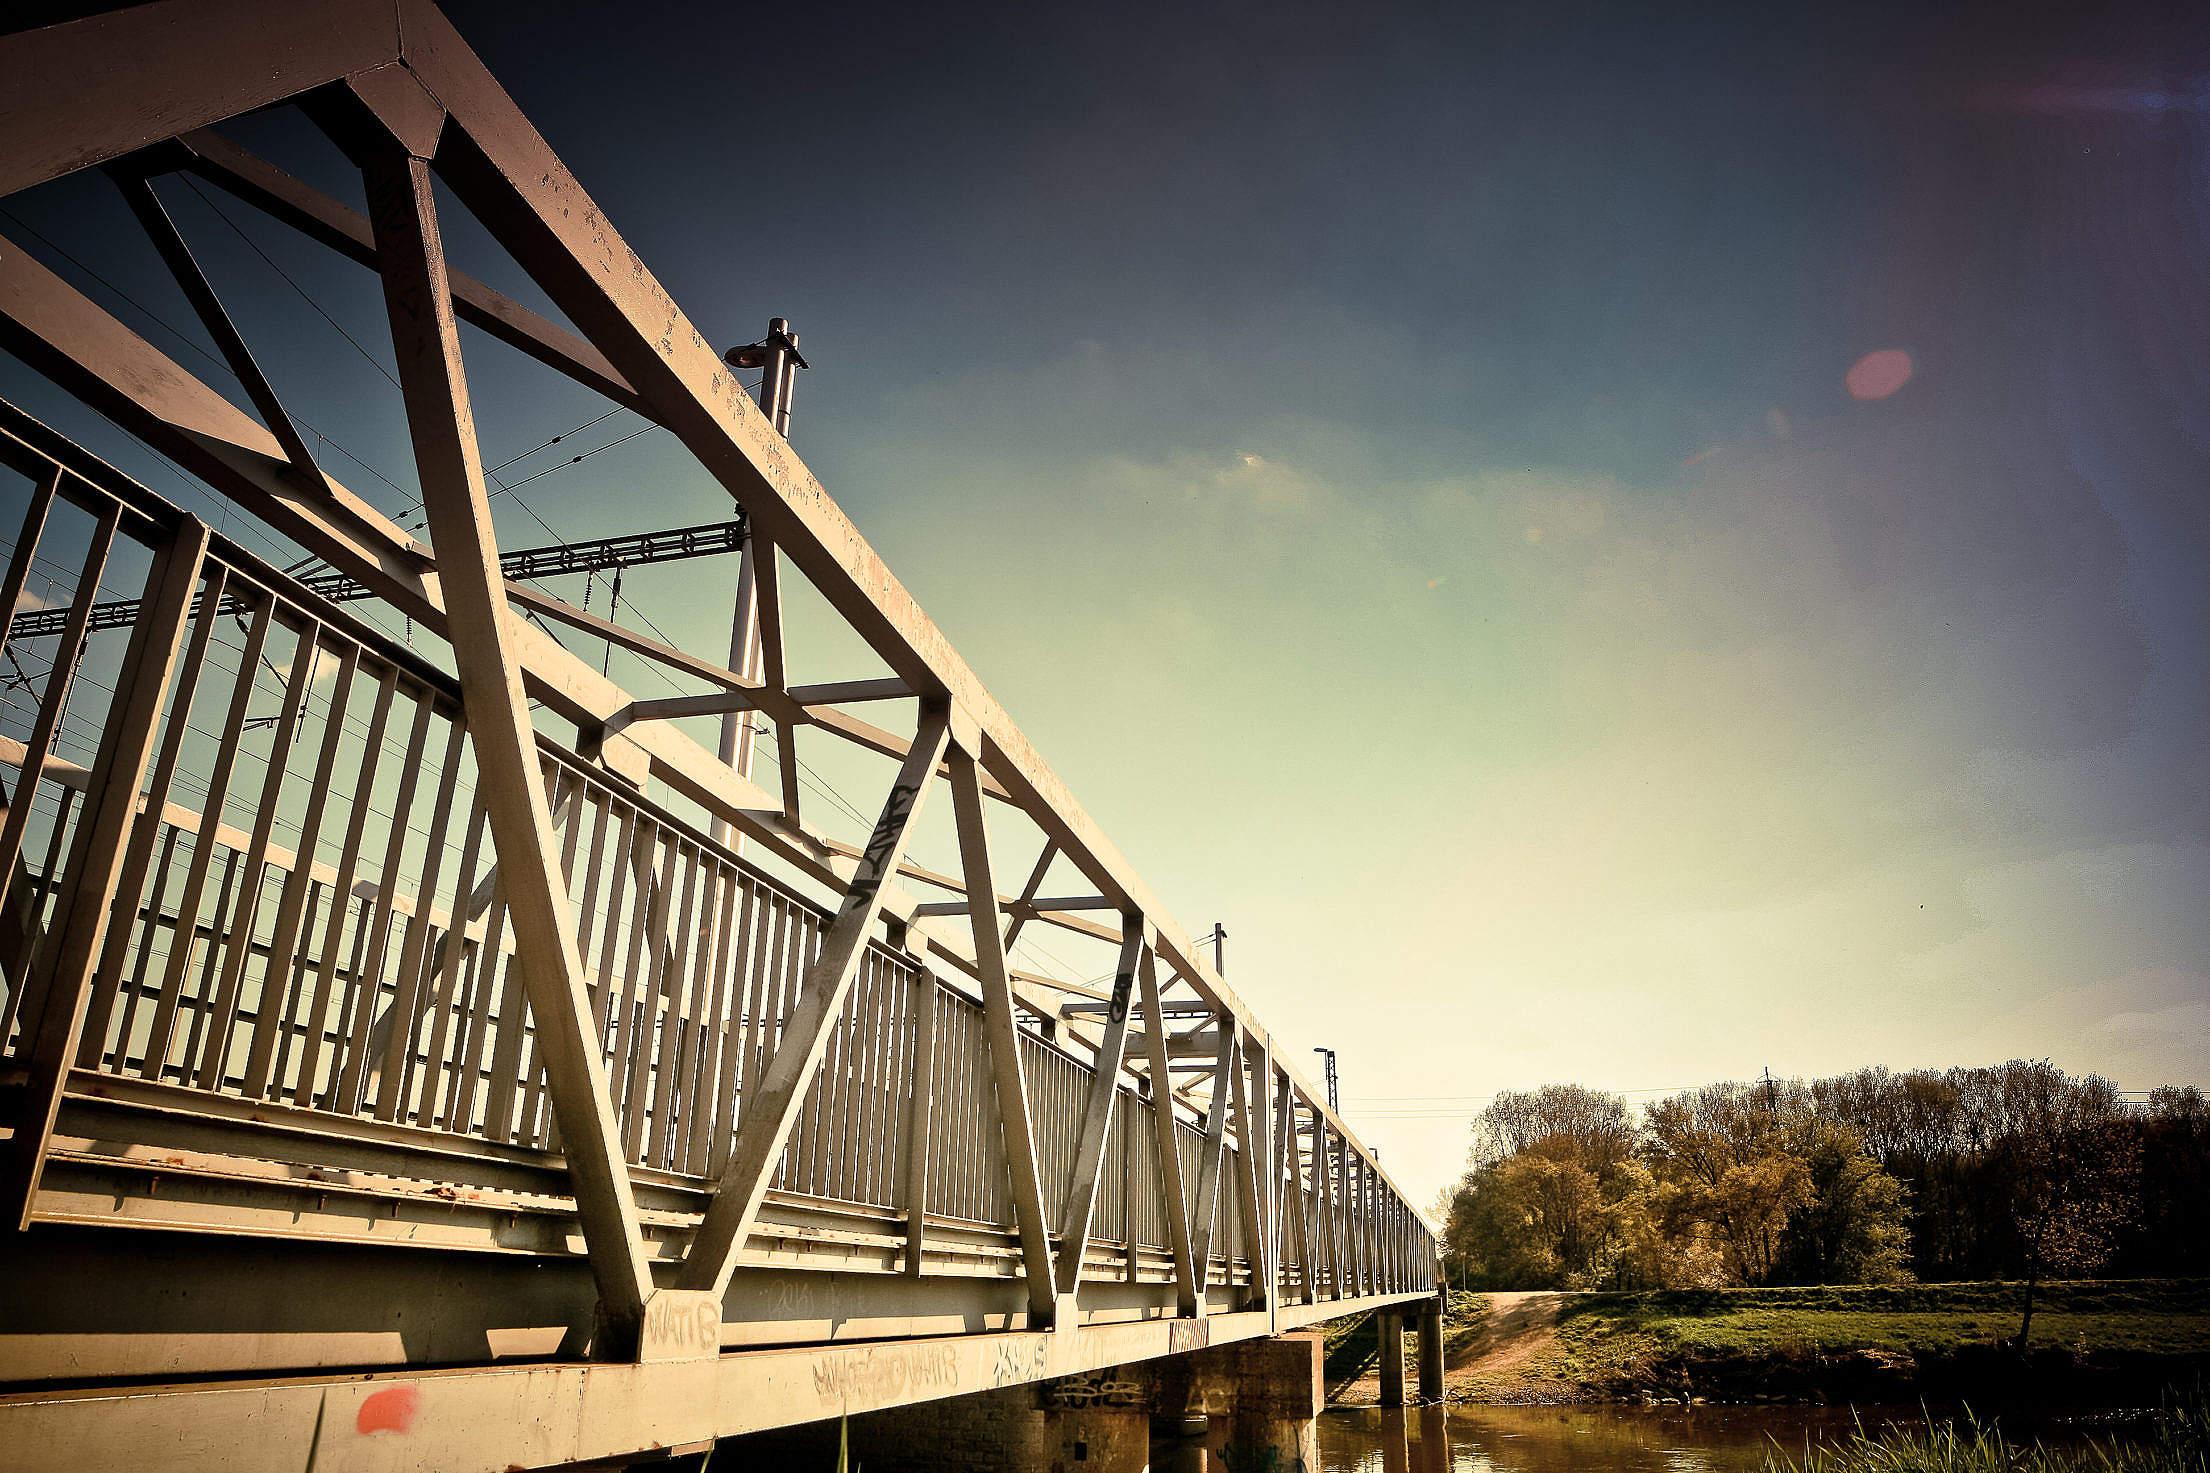 Steel Bridge Free Stock Photo